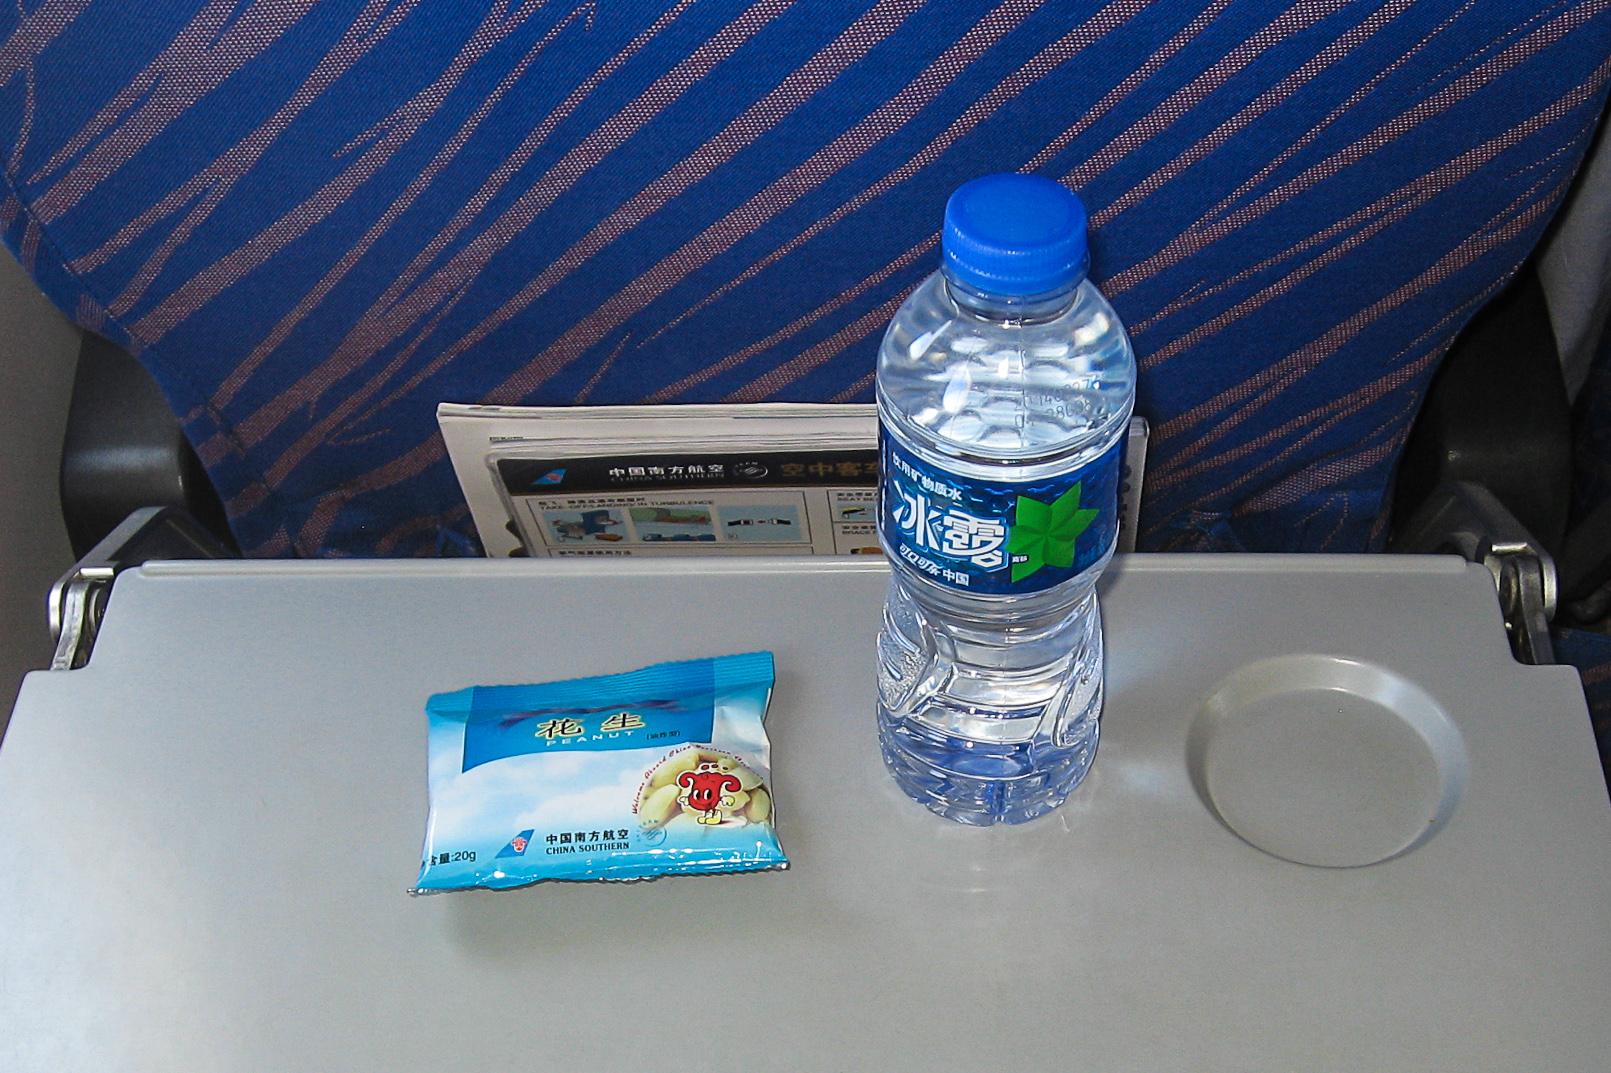 Орешки и бутылка воды на рейсе Гуанчжоу-Санья China Southern Airlines